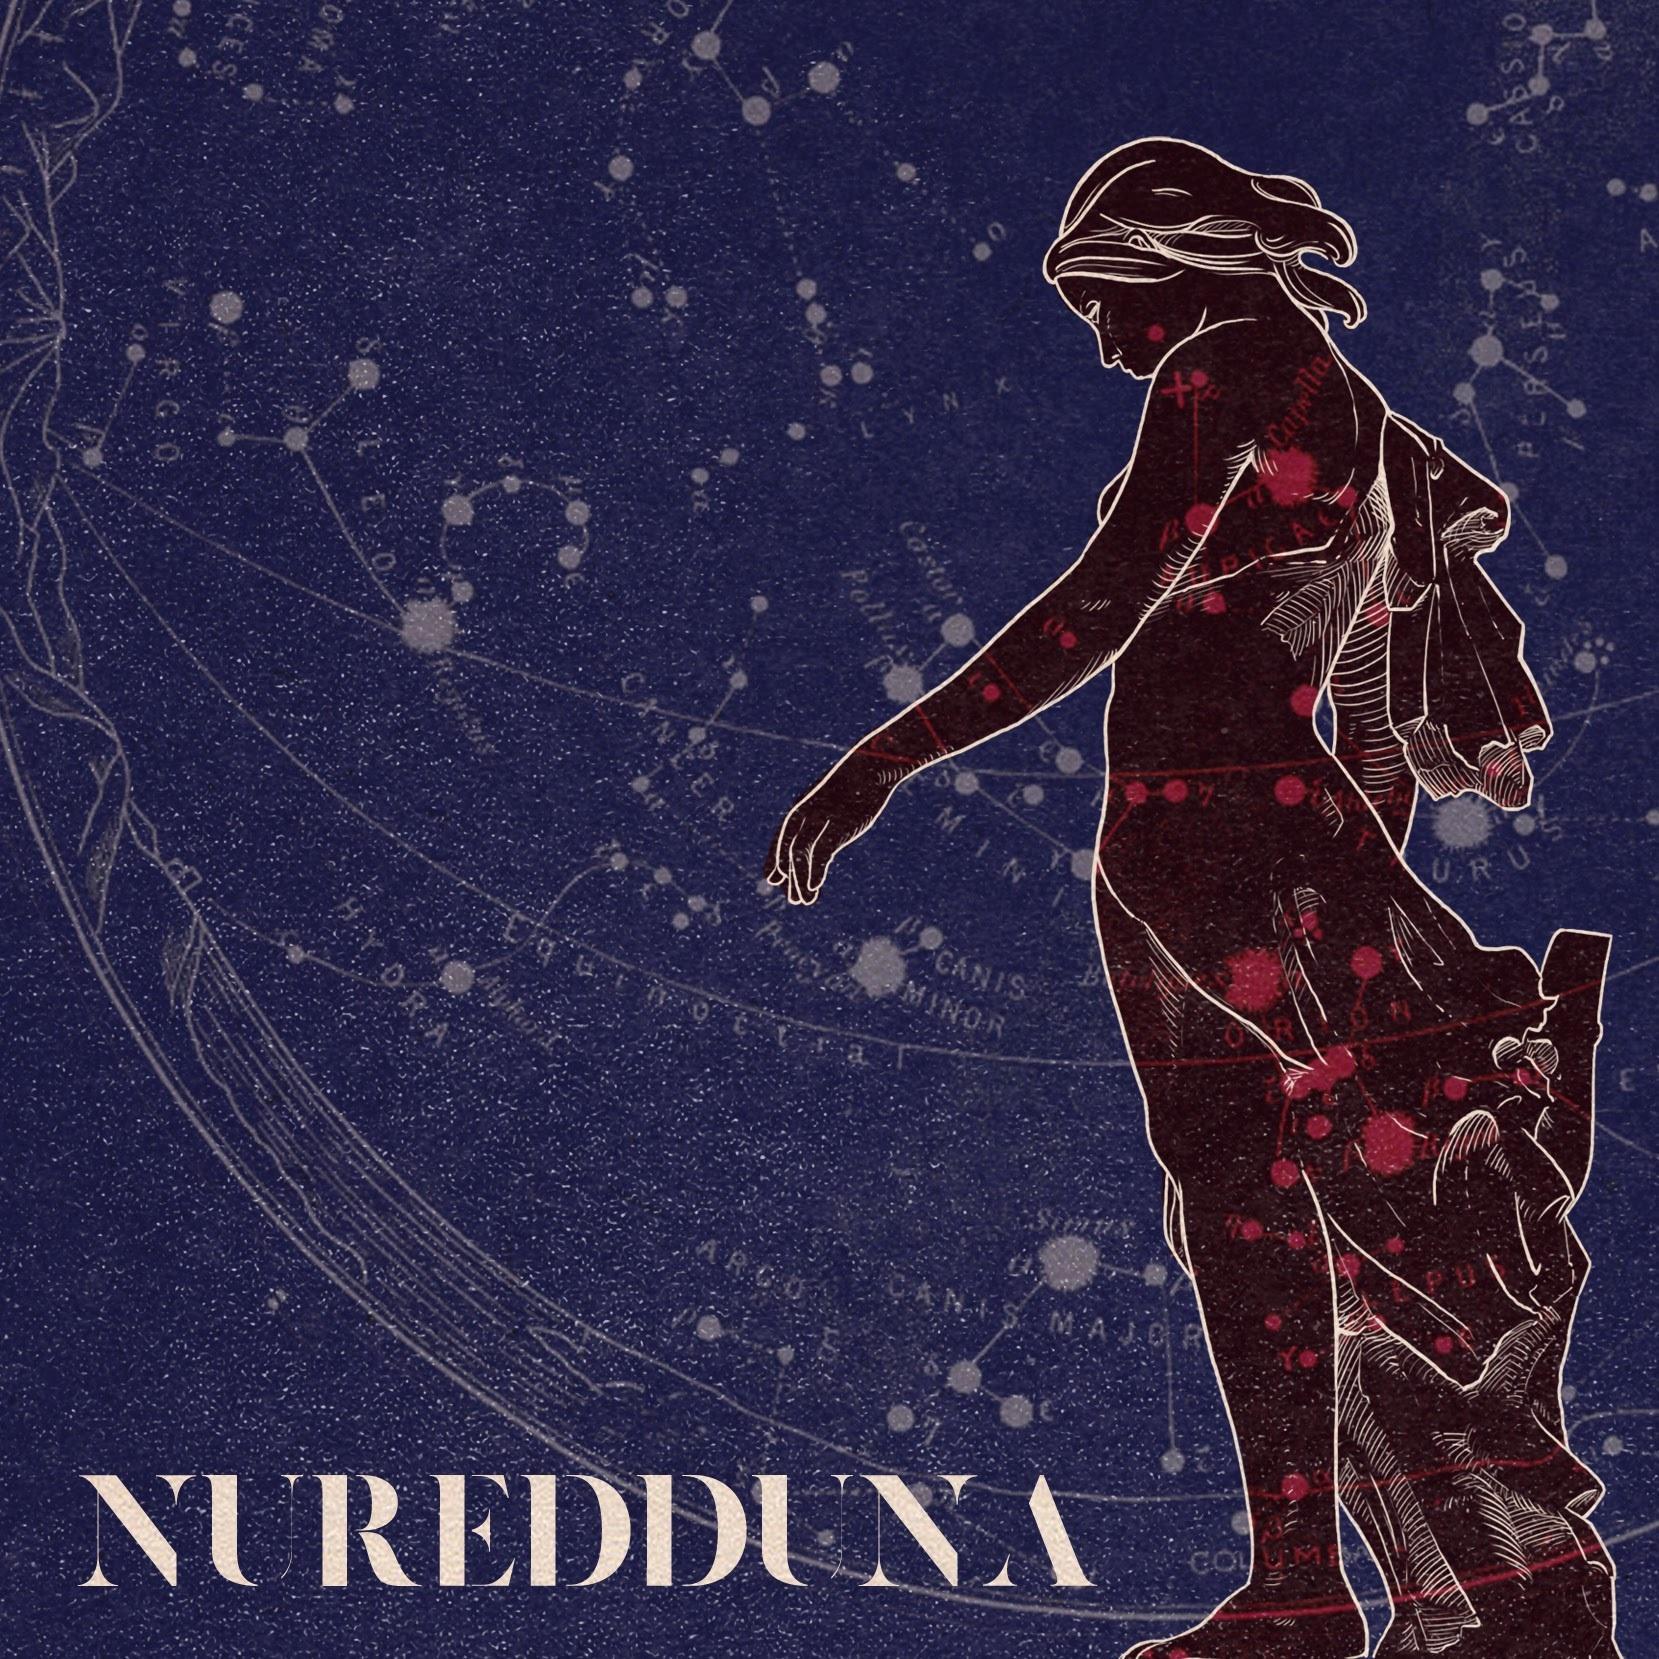 His new album Nuredduna